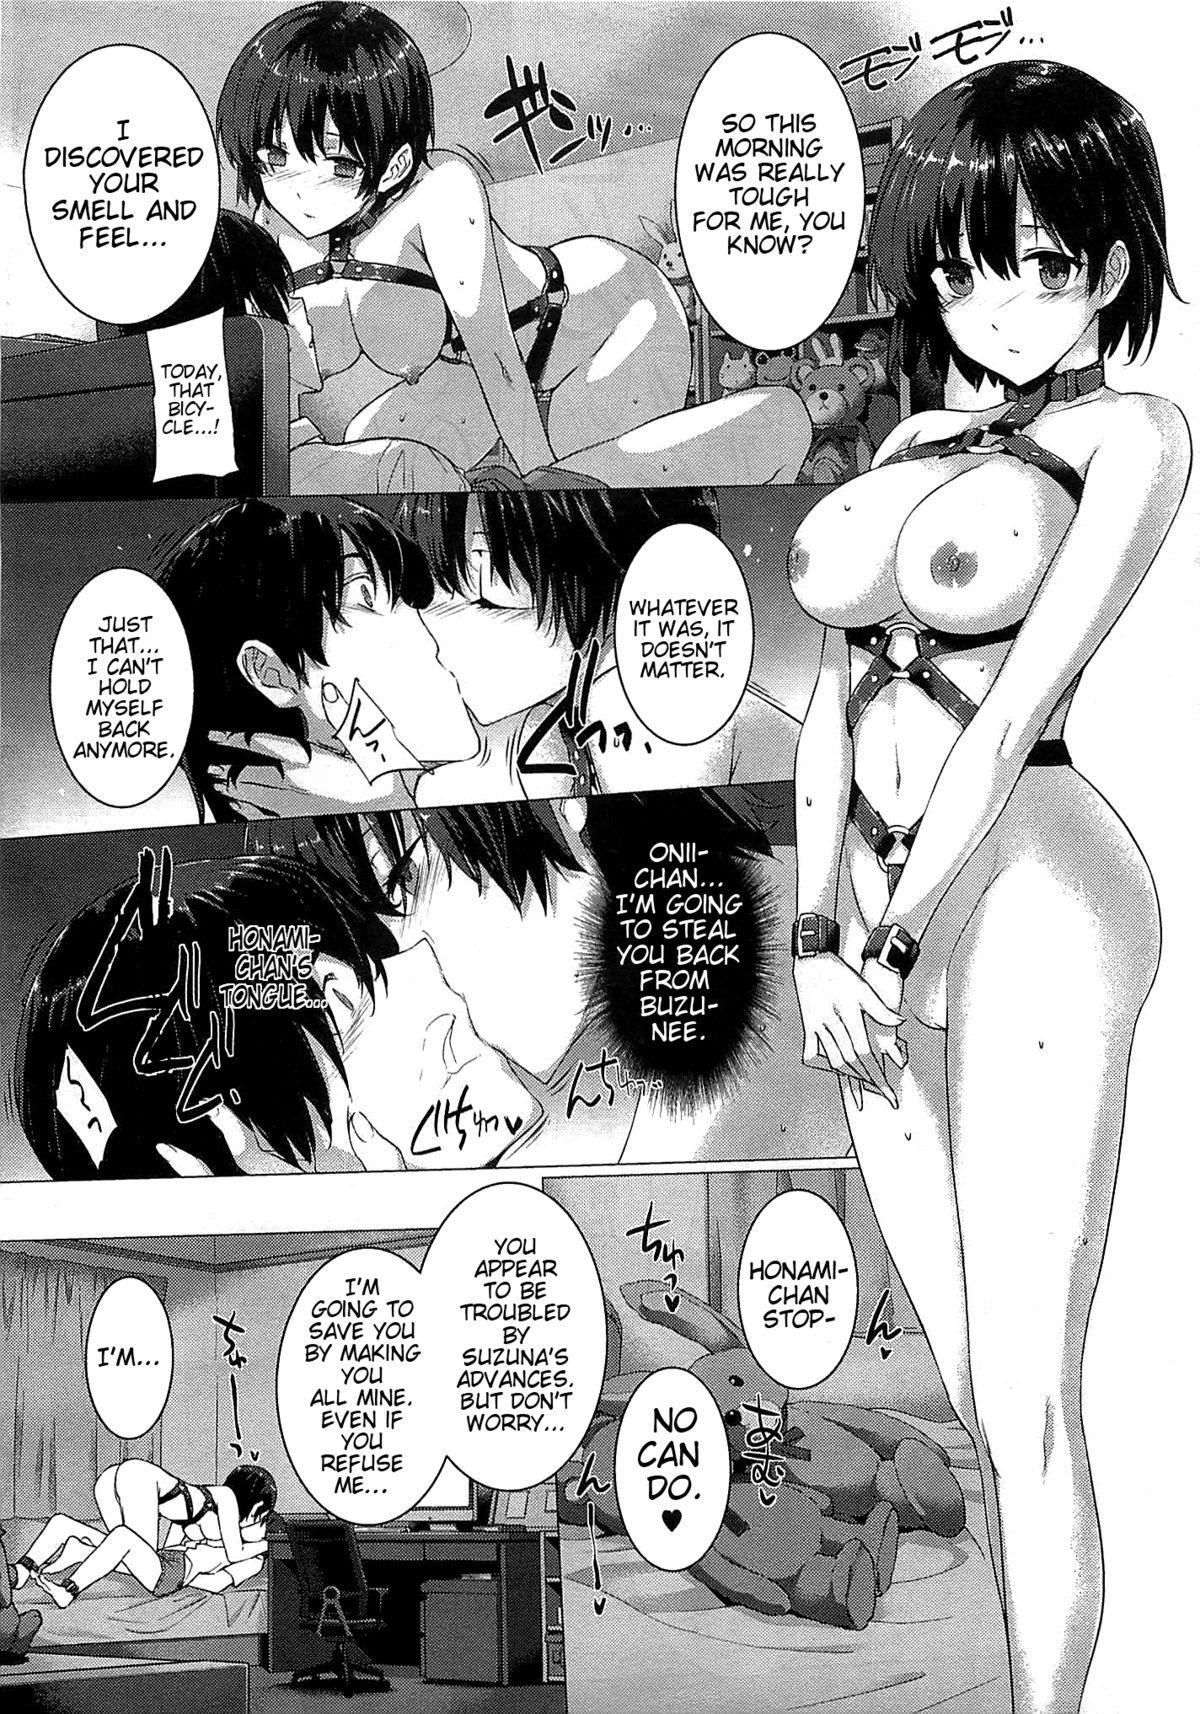 [Katsurai Yoshiaki] Kokuhaku Lovers Ch.1-4, 6-8 [English] 49